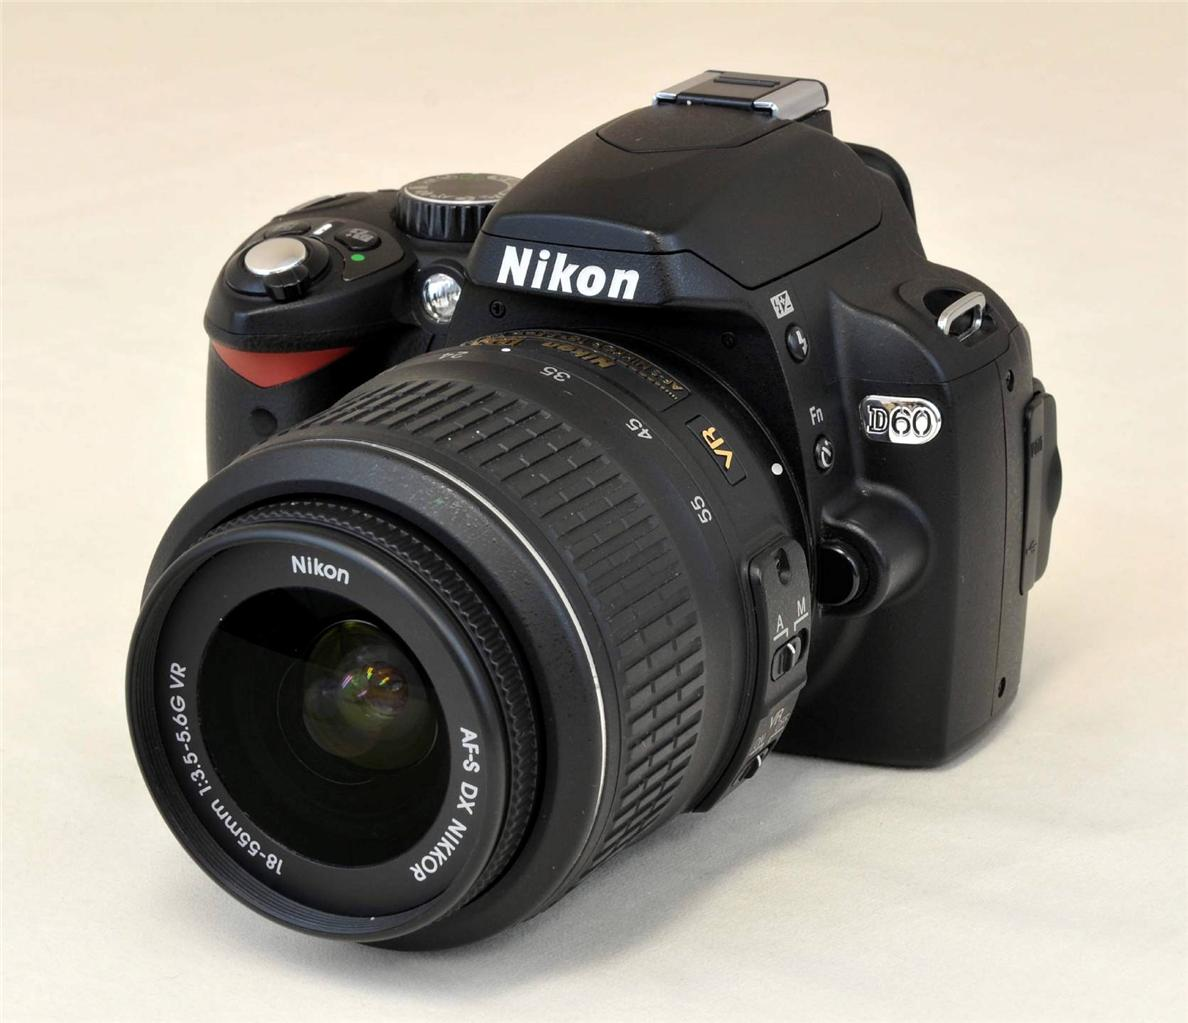 Nikon d60 kit af s dx vr